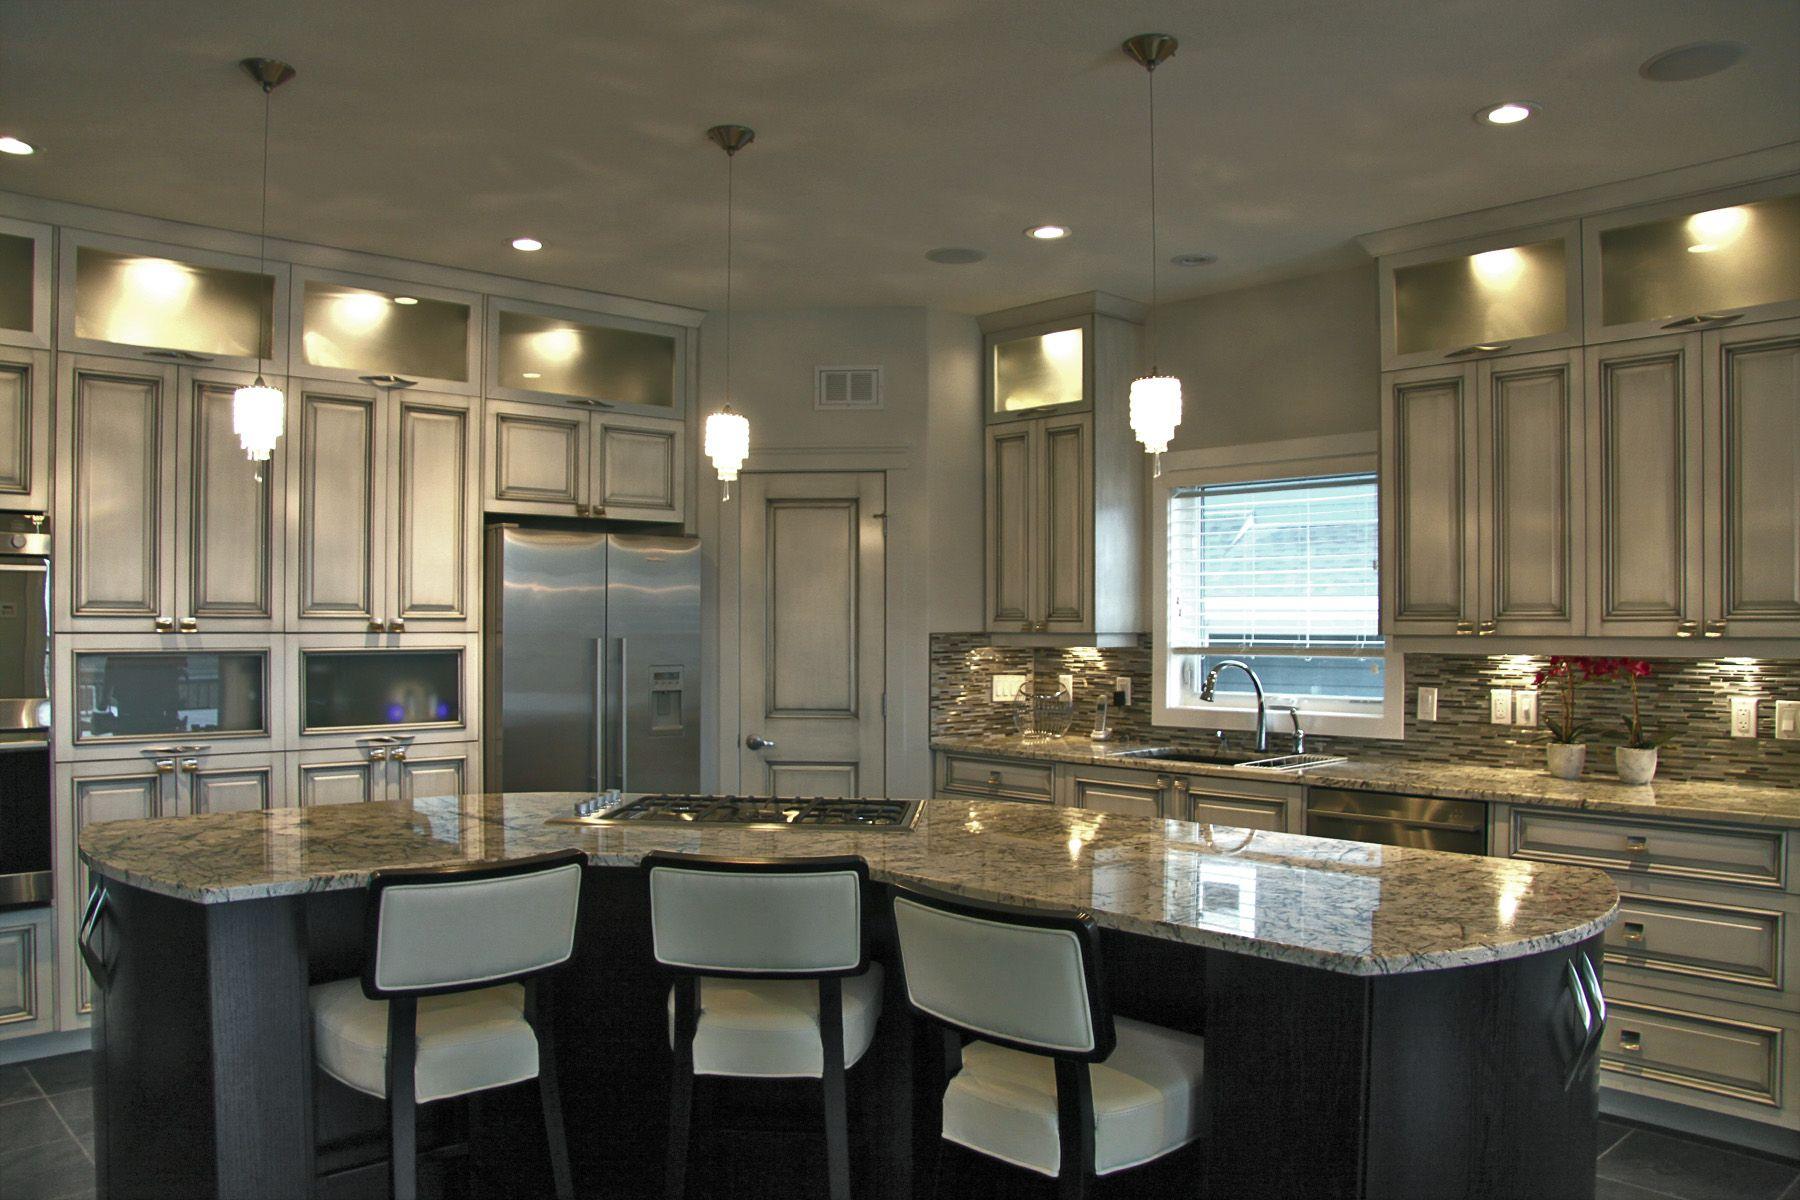 kitchen designs by delta. Elegant Kitchen Design  Designs by Delta Our Work